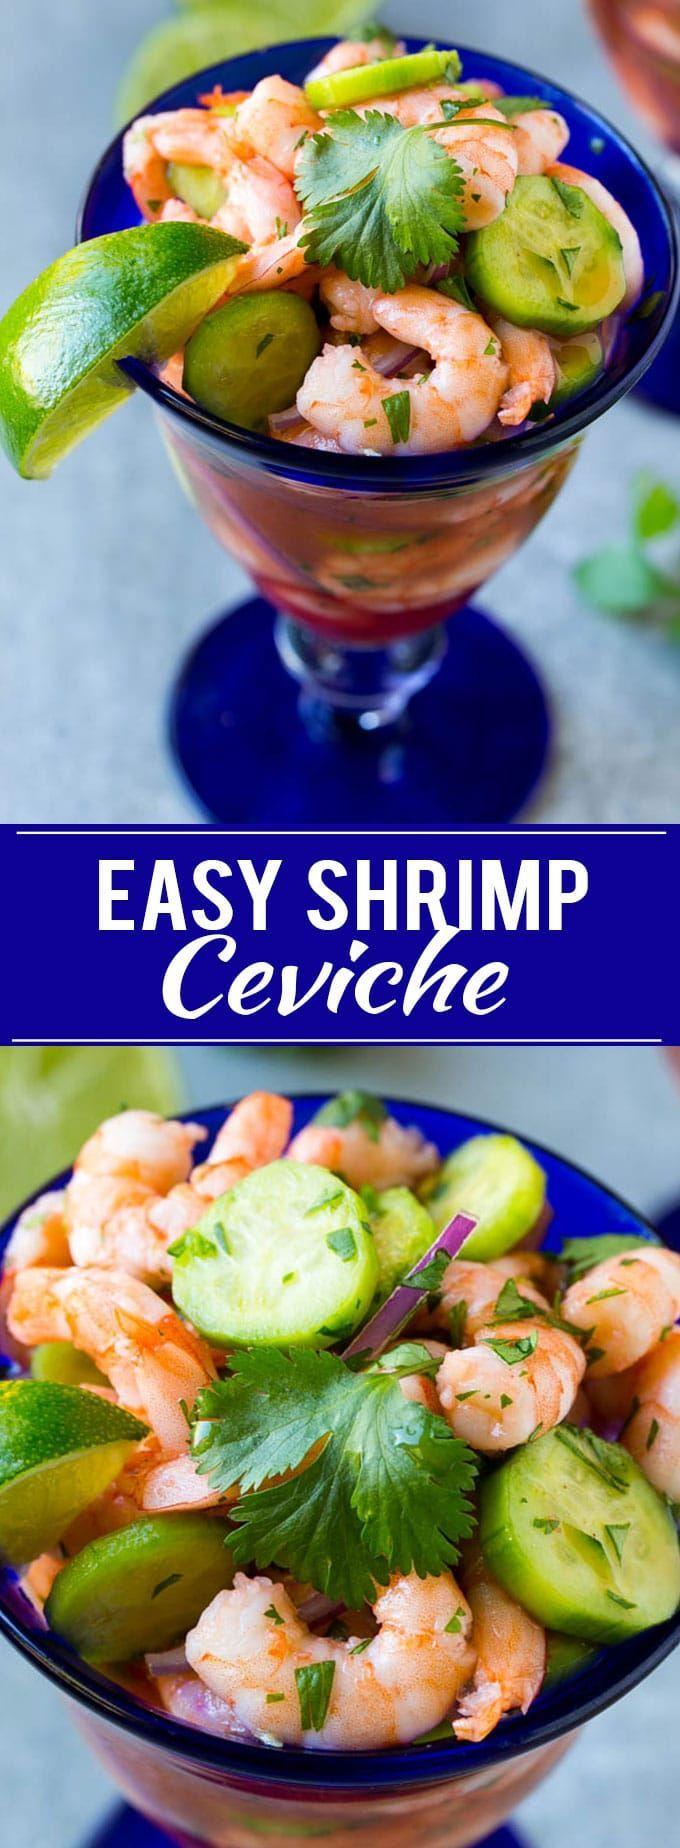 Shrimp Ceviche Recipe | Easy Shrimp Recipe | Low Carb Shrimp Recipe | Shrimp Appetizer